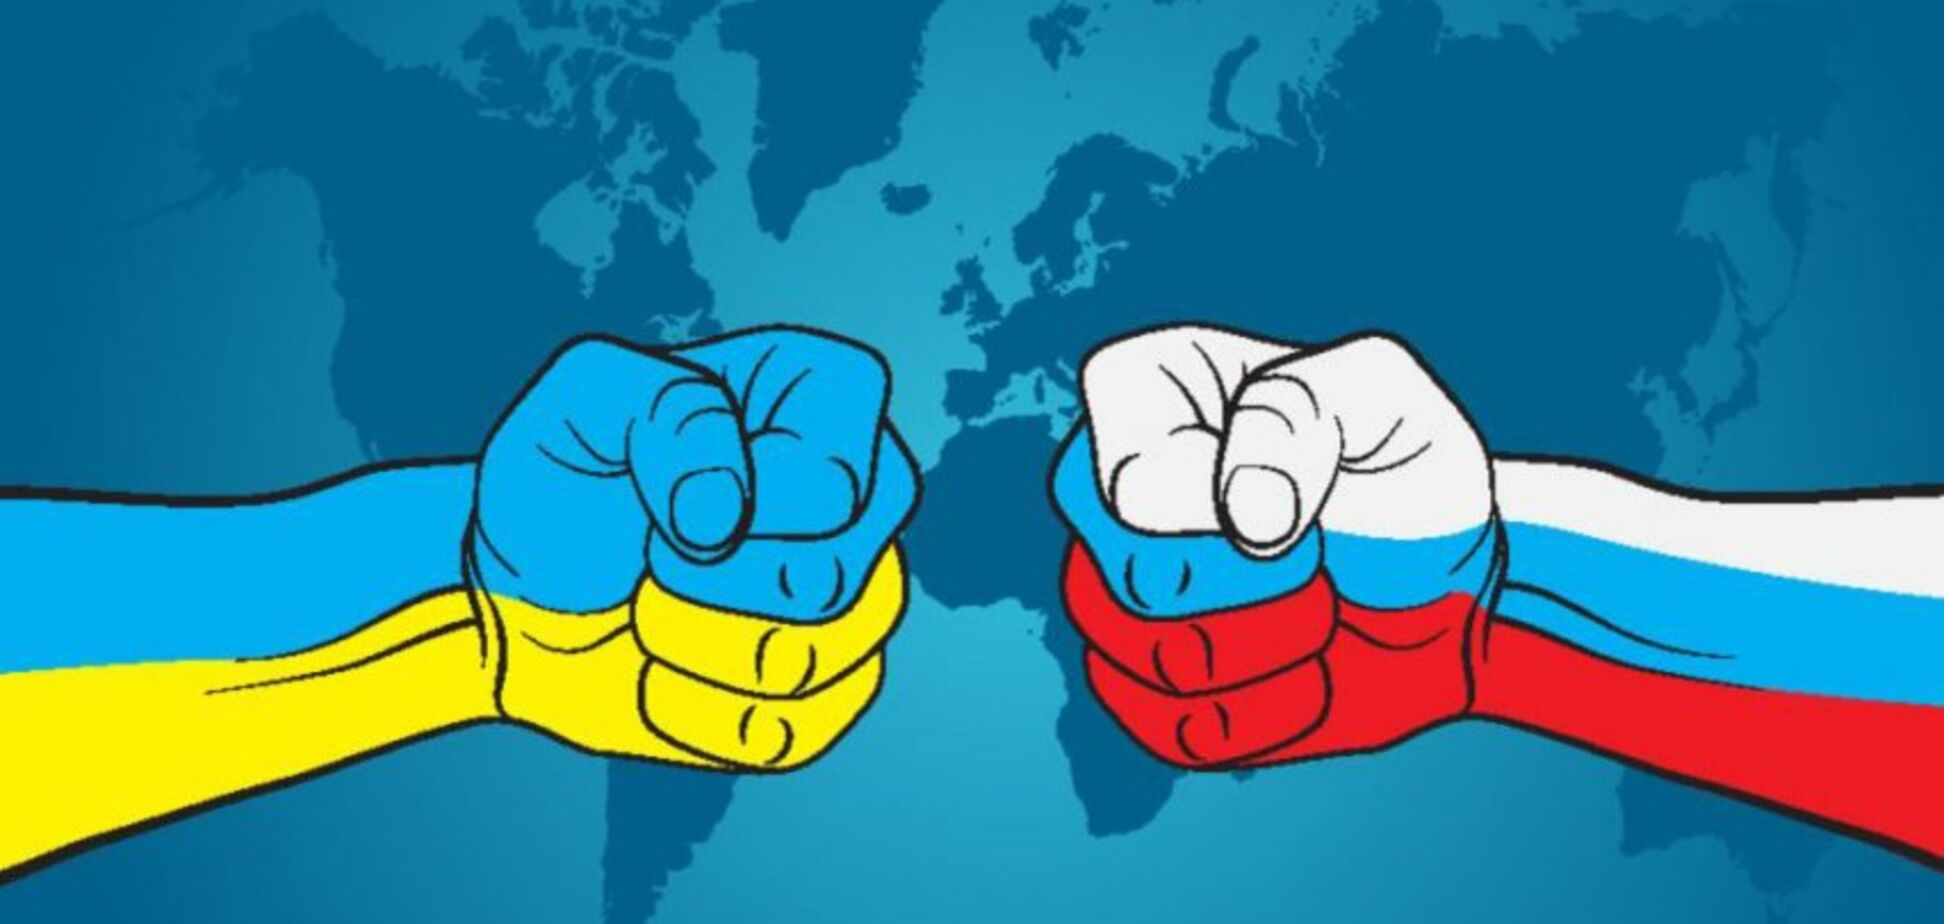 П'ять ключових загроз для України